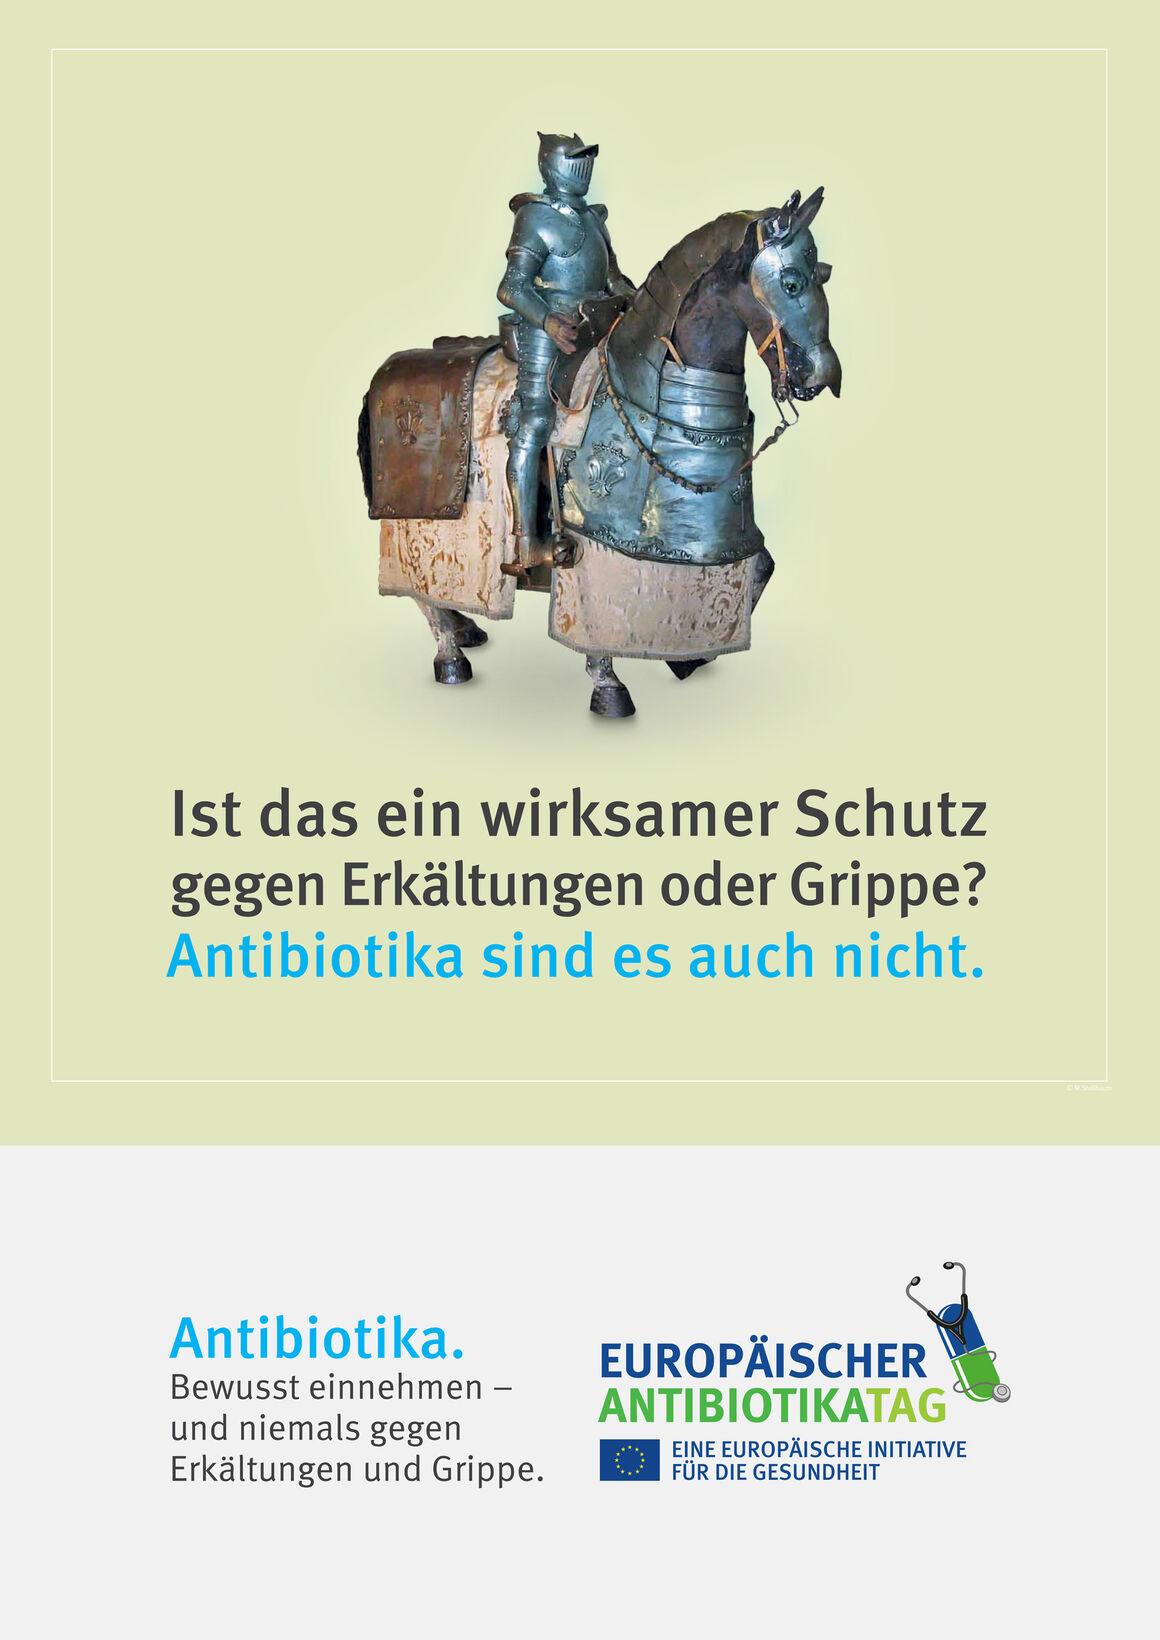 Poster: Ist das ein wirksamer Schutz gegen Erkältungen oder Grippe? Antibiotika sind es auch nicht.